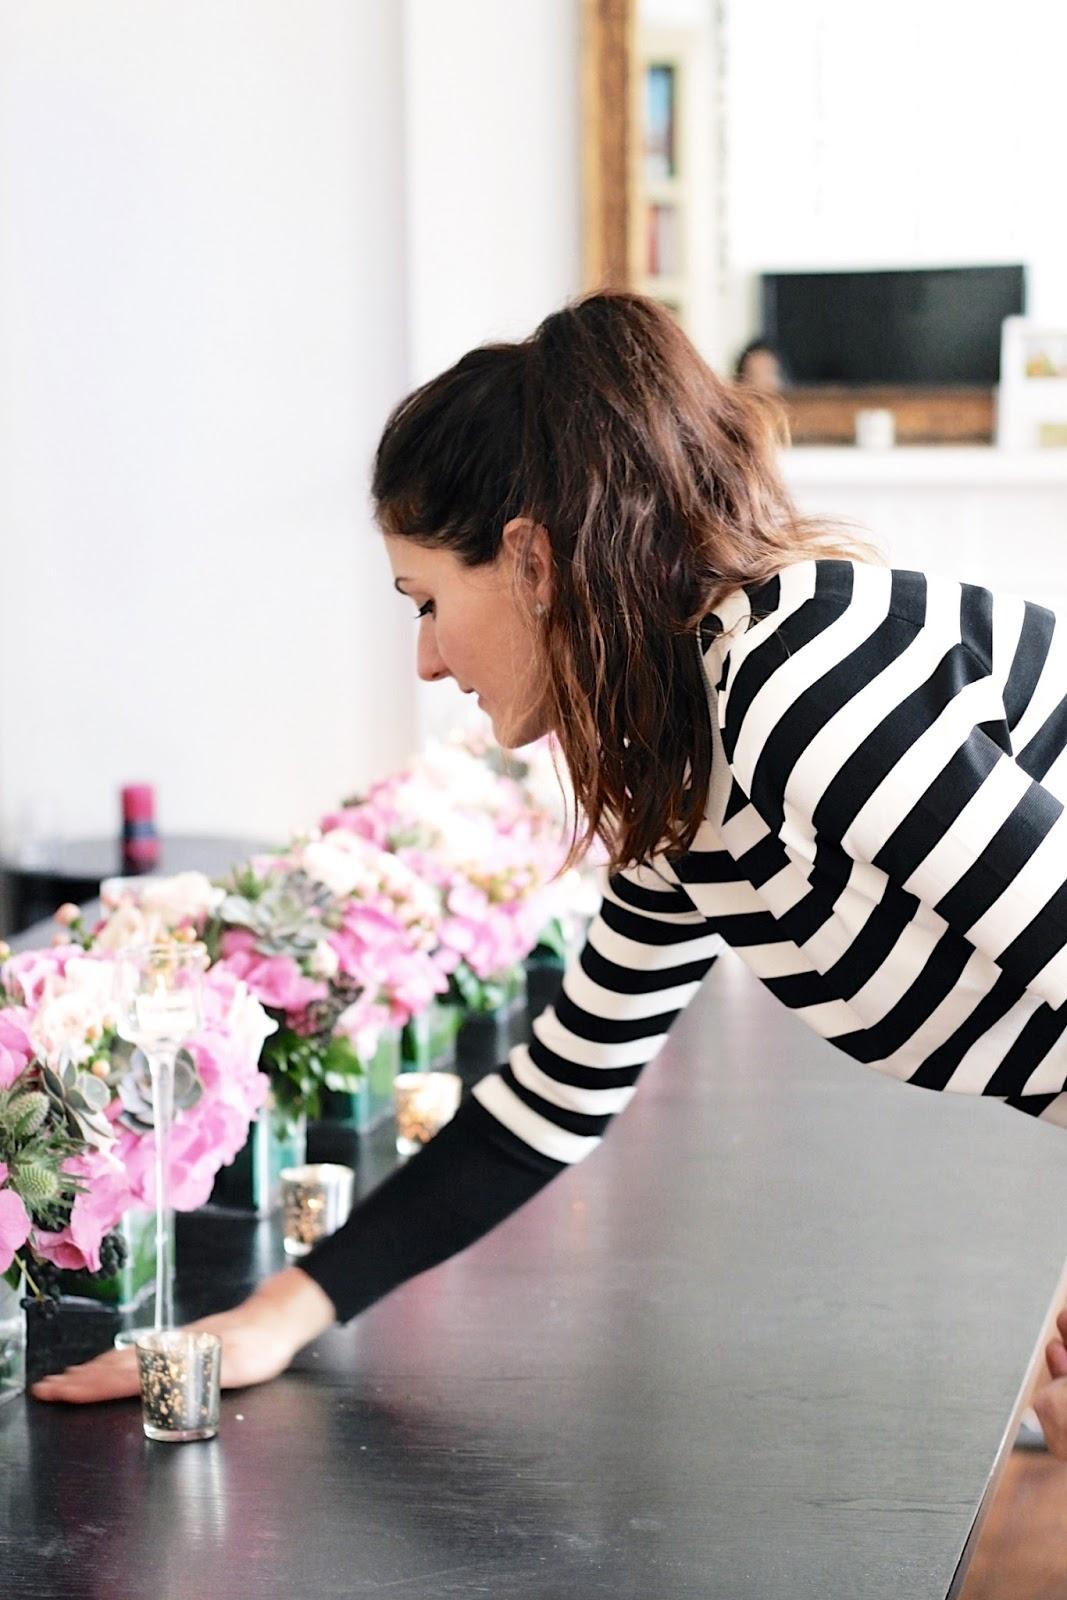 Fabienne Egger floristry classes